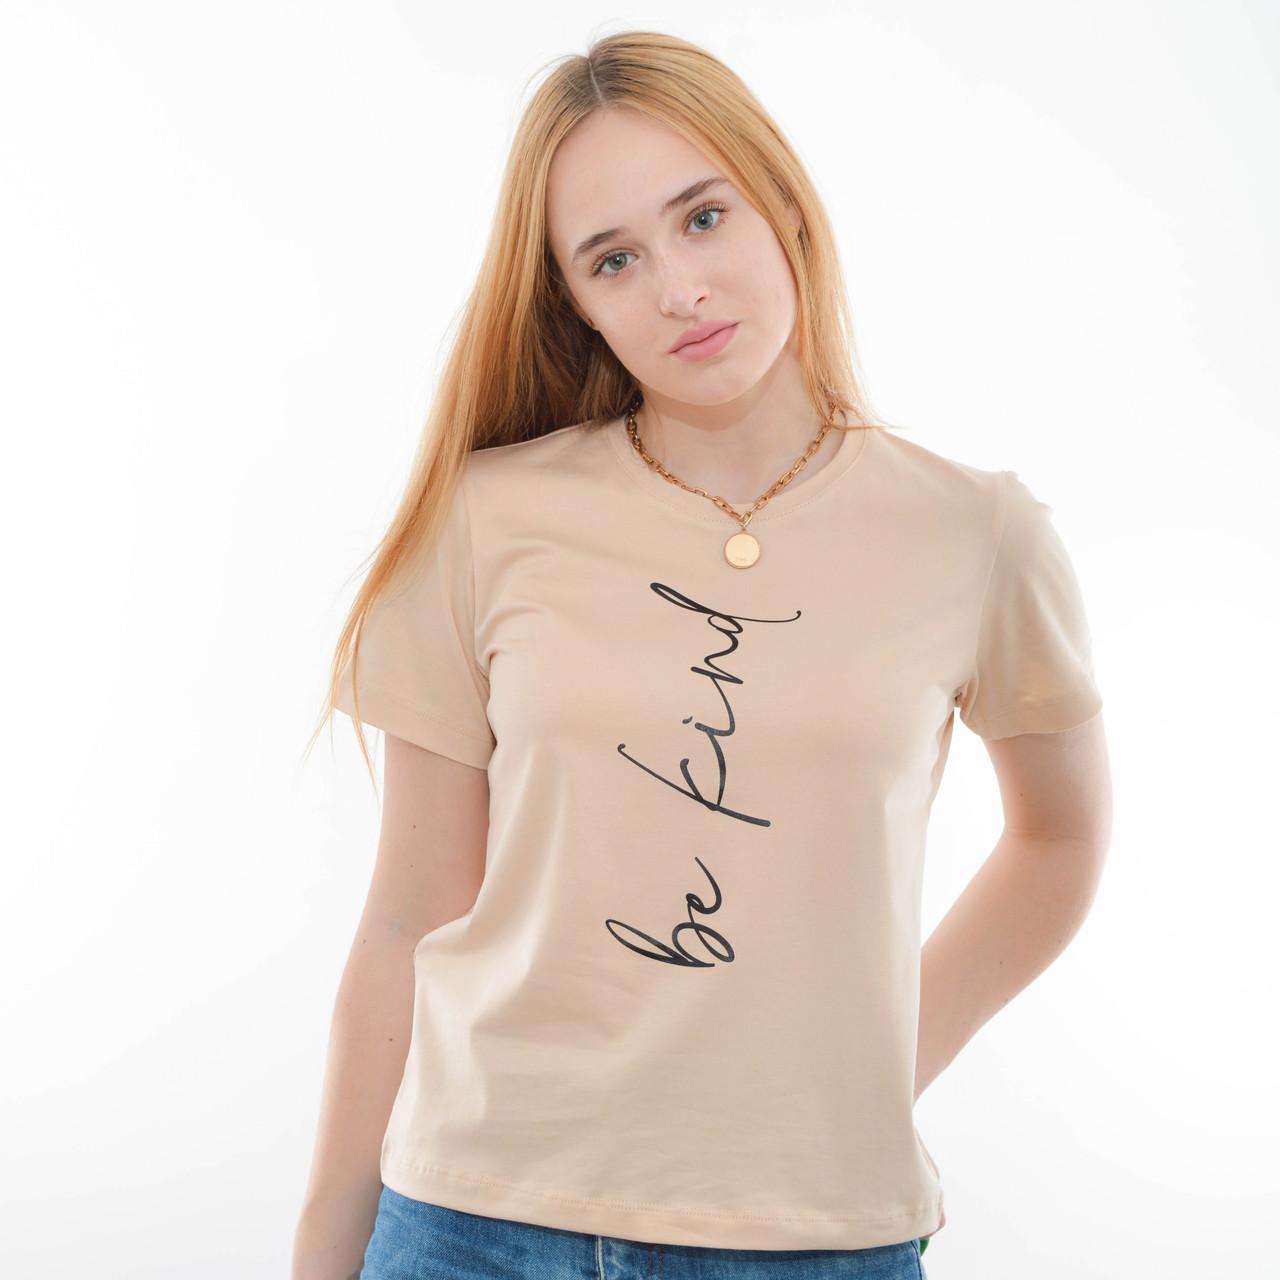 Женская футболка оверсайз оптом OF 202 беж